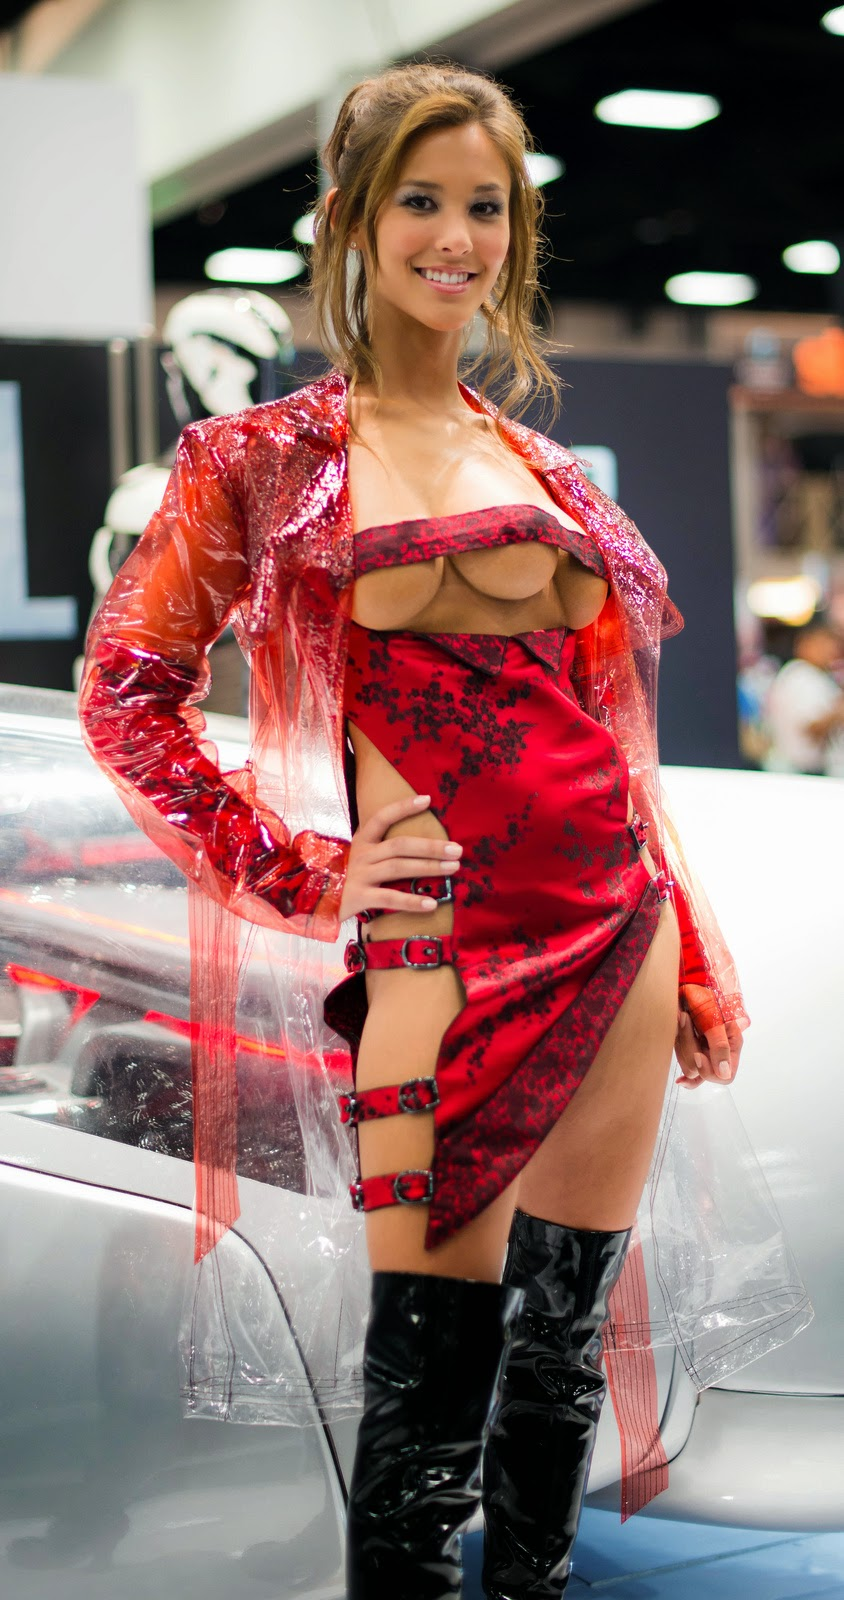 kaitlyn leeb en cosplay martienne total recall et robe ajourée